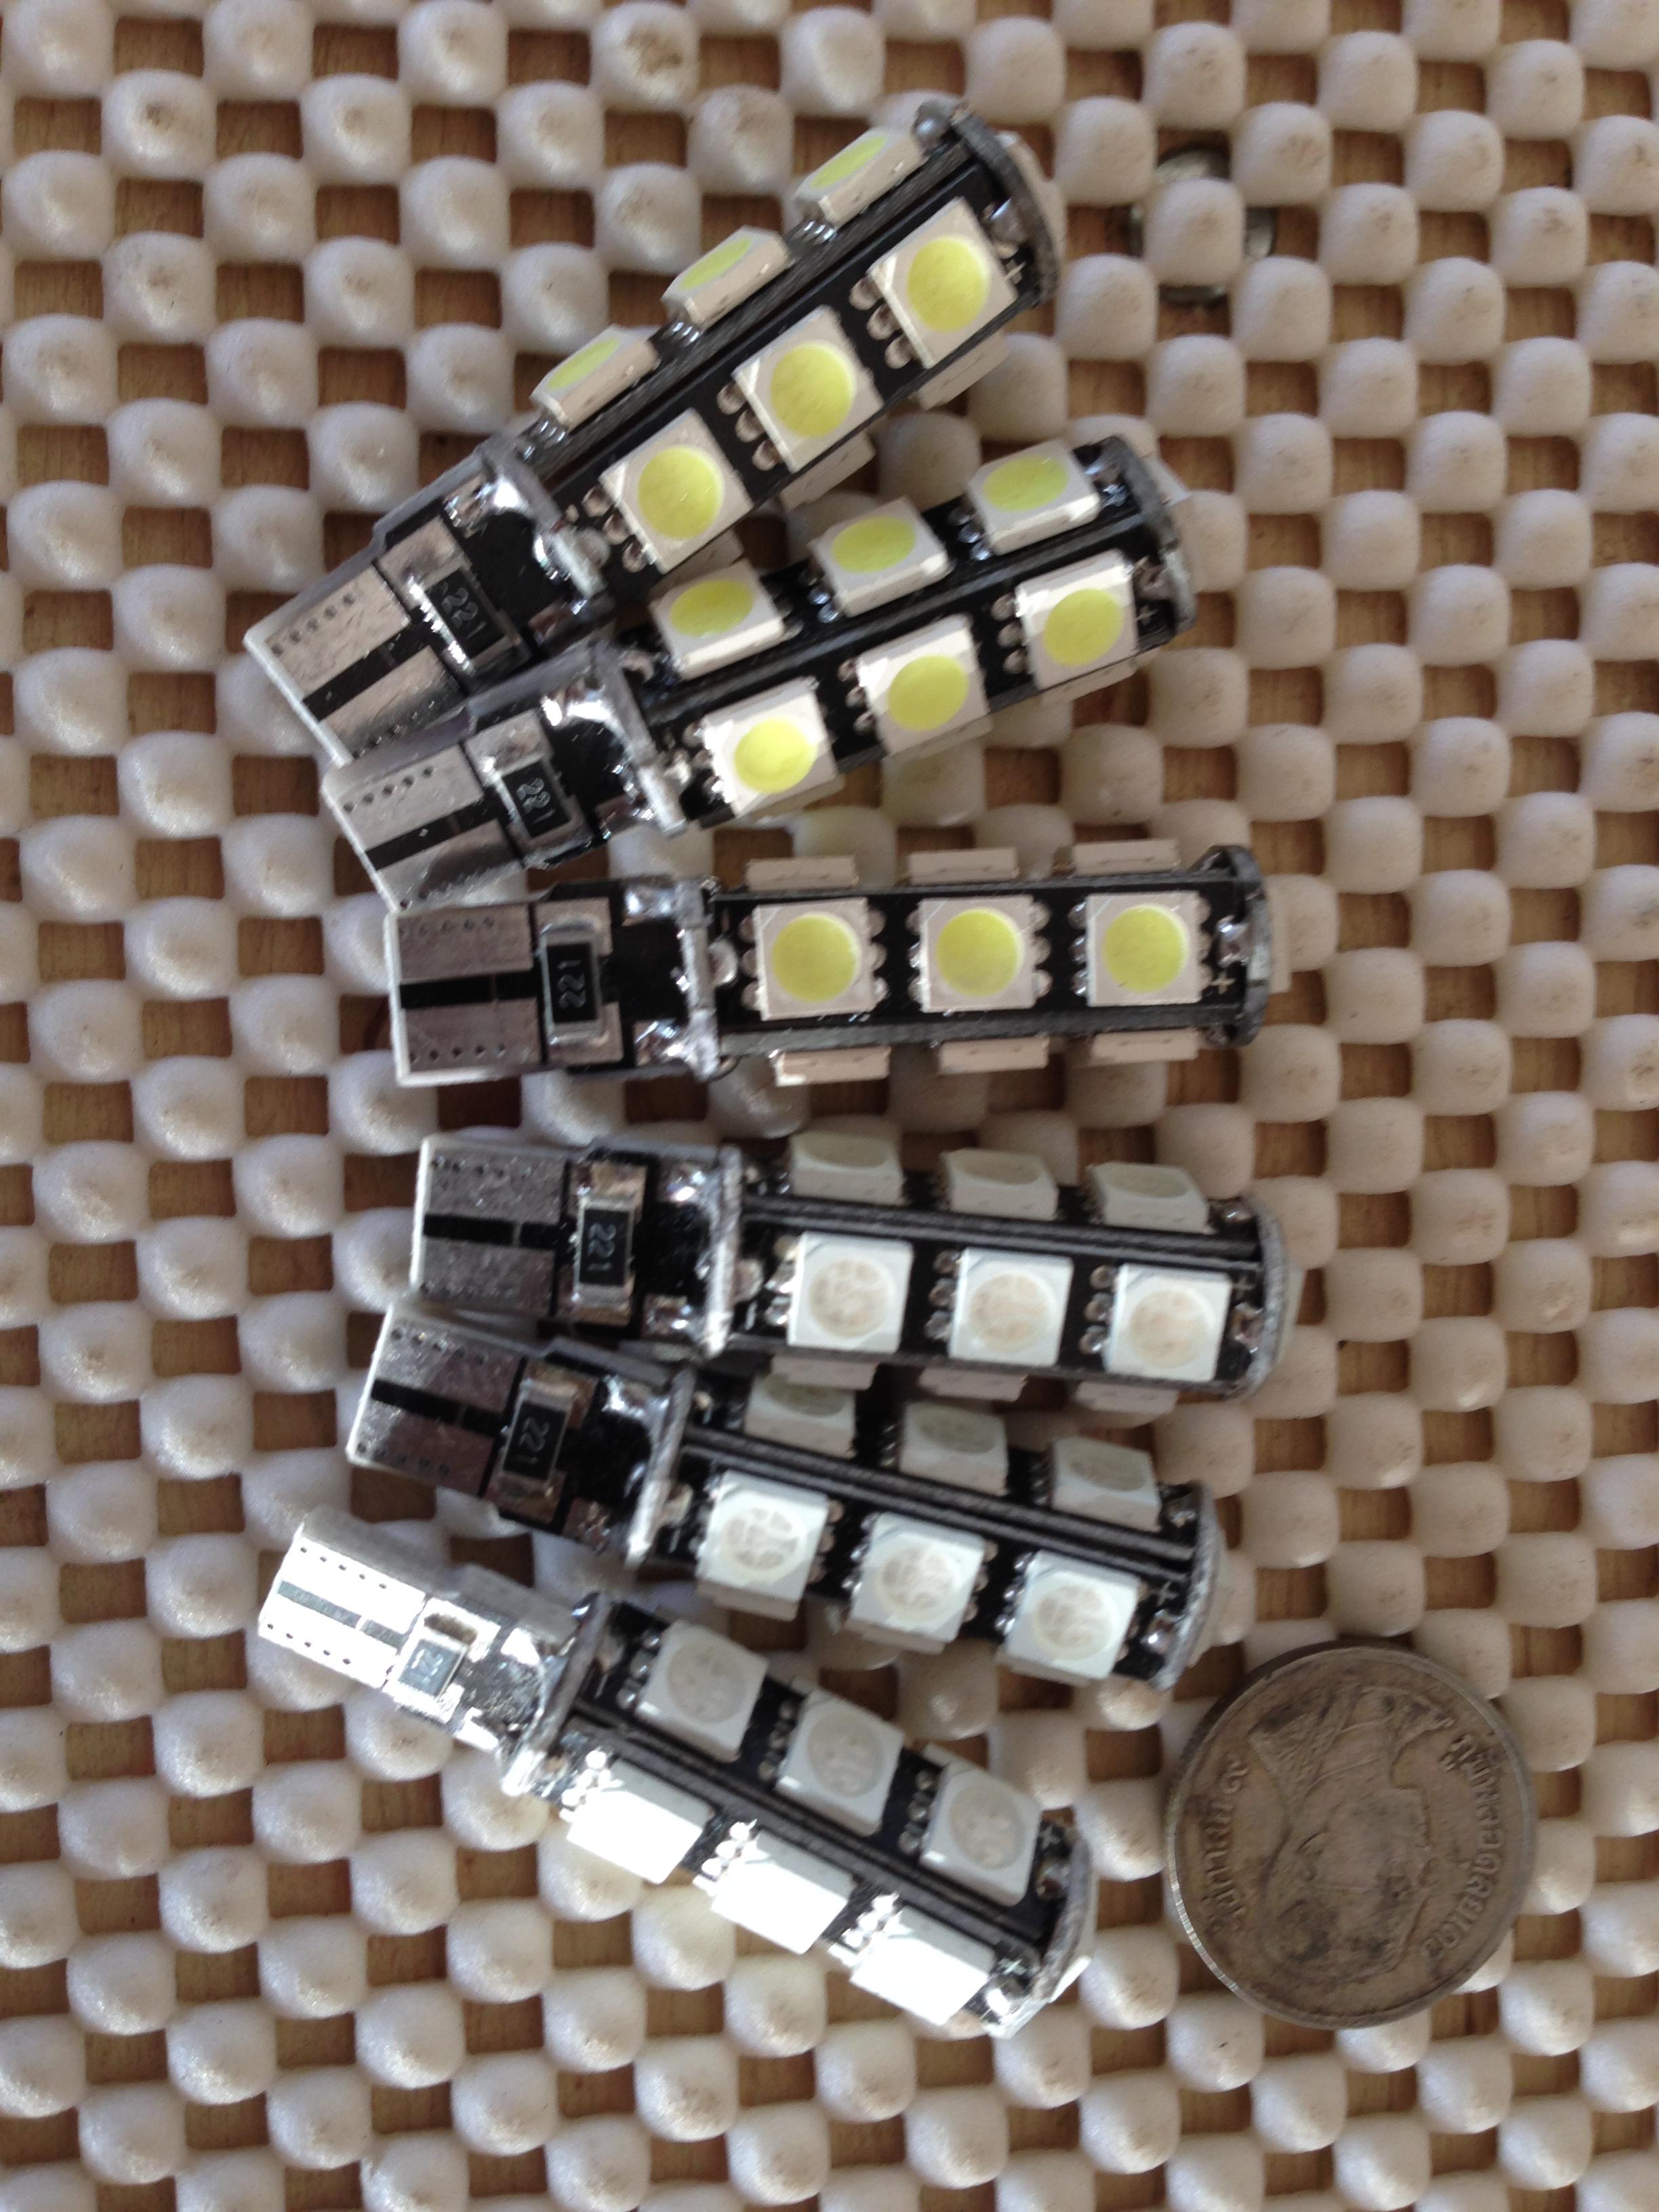 ไฟหรี่- ไฟส่องป้าย ขั่ว t10 แบบ canbus หลอด led 13 ดวง